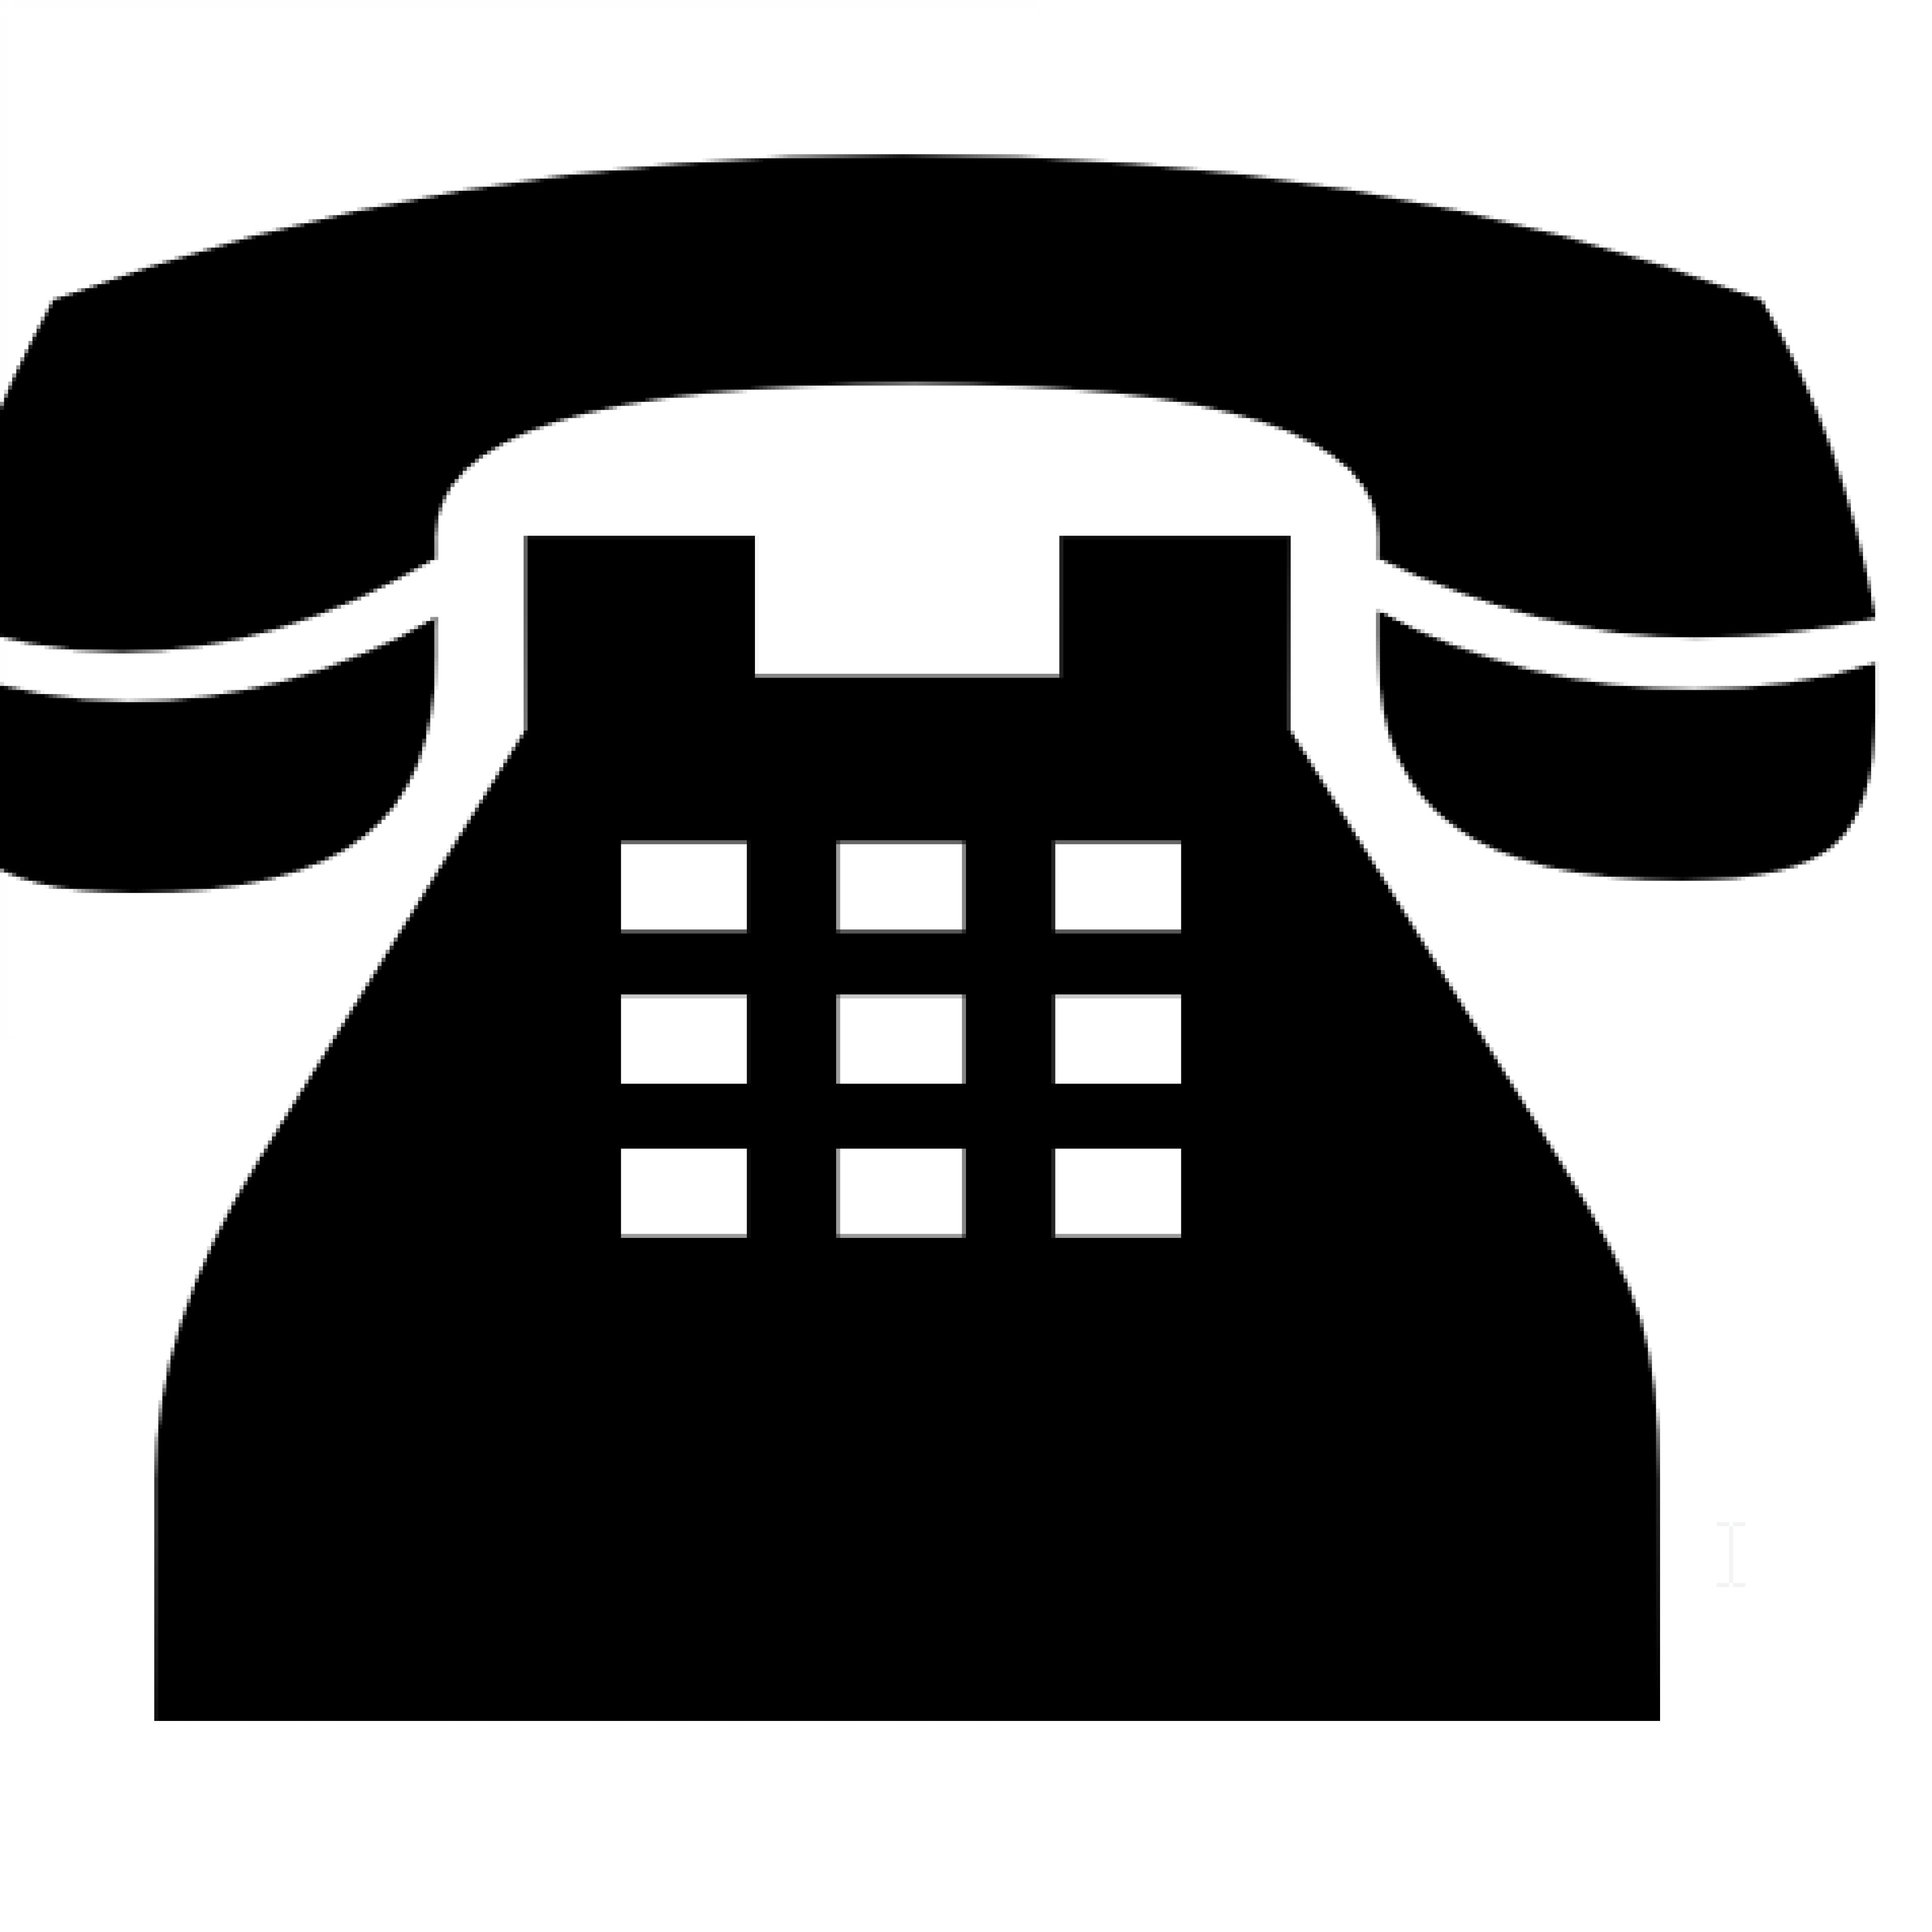 Pictogram-van-telefoon-invoegen-in-Word-speciaal-symbool-bellen